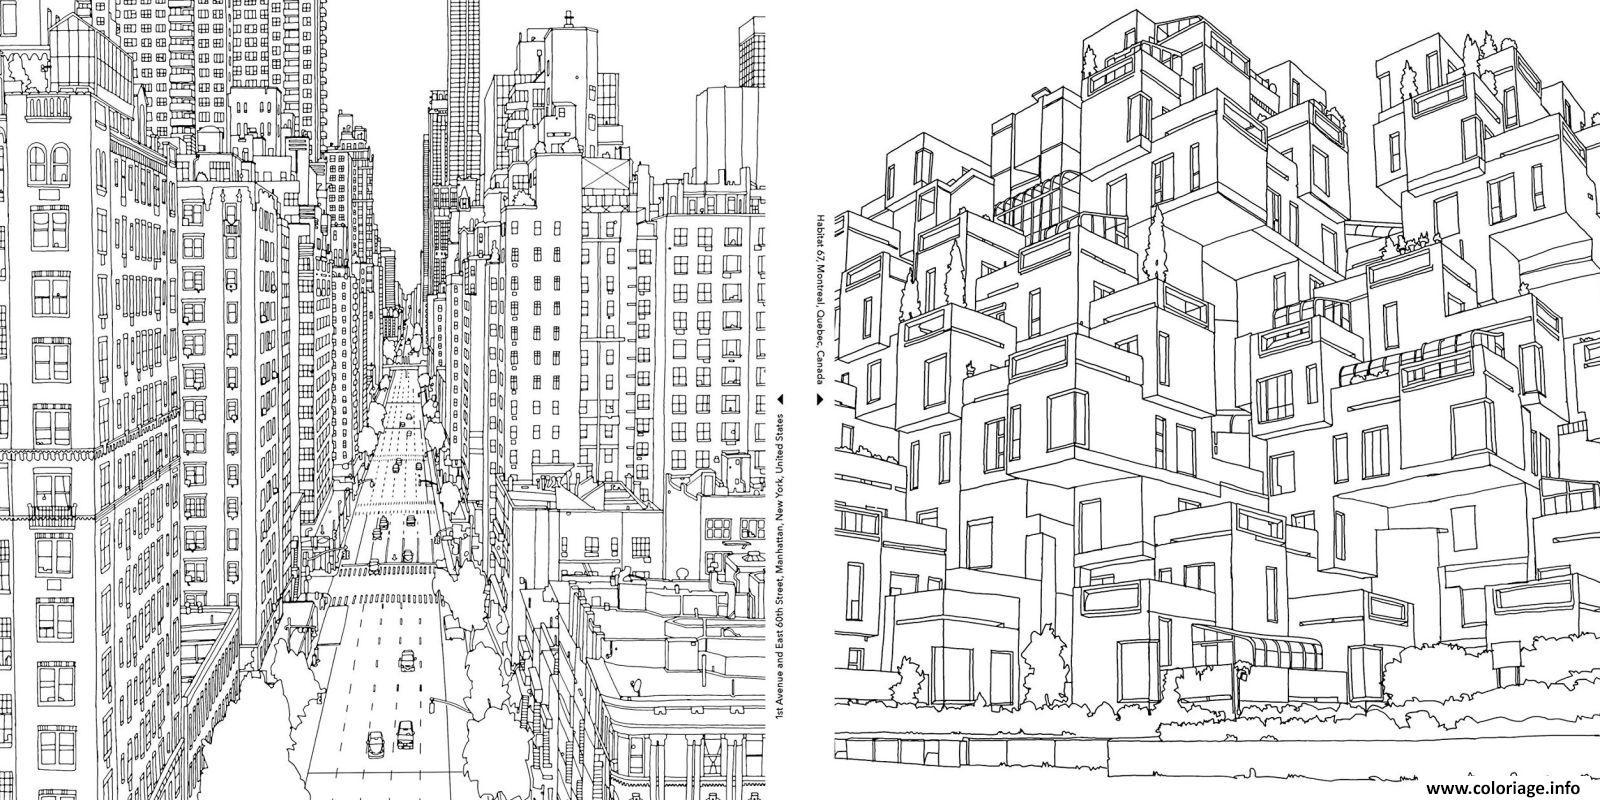 Dessin deux villes complexes et differentes Coloriage Gratuit à Imprimer